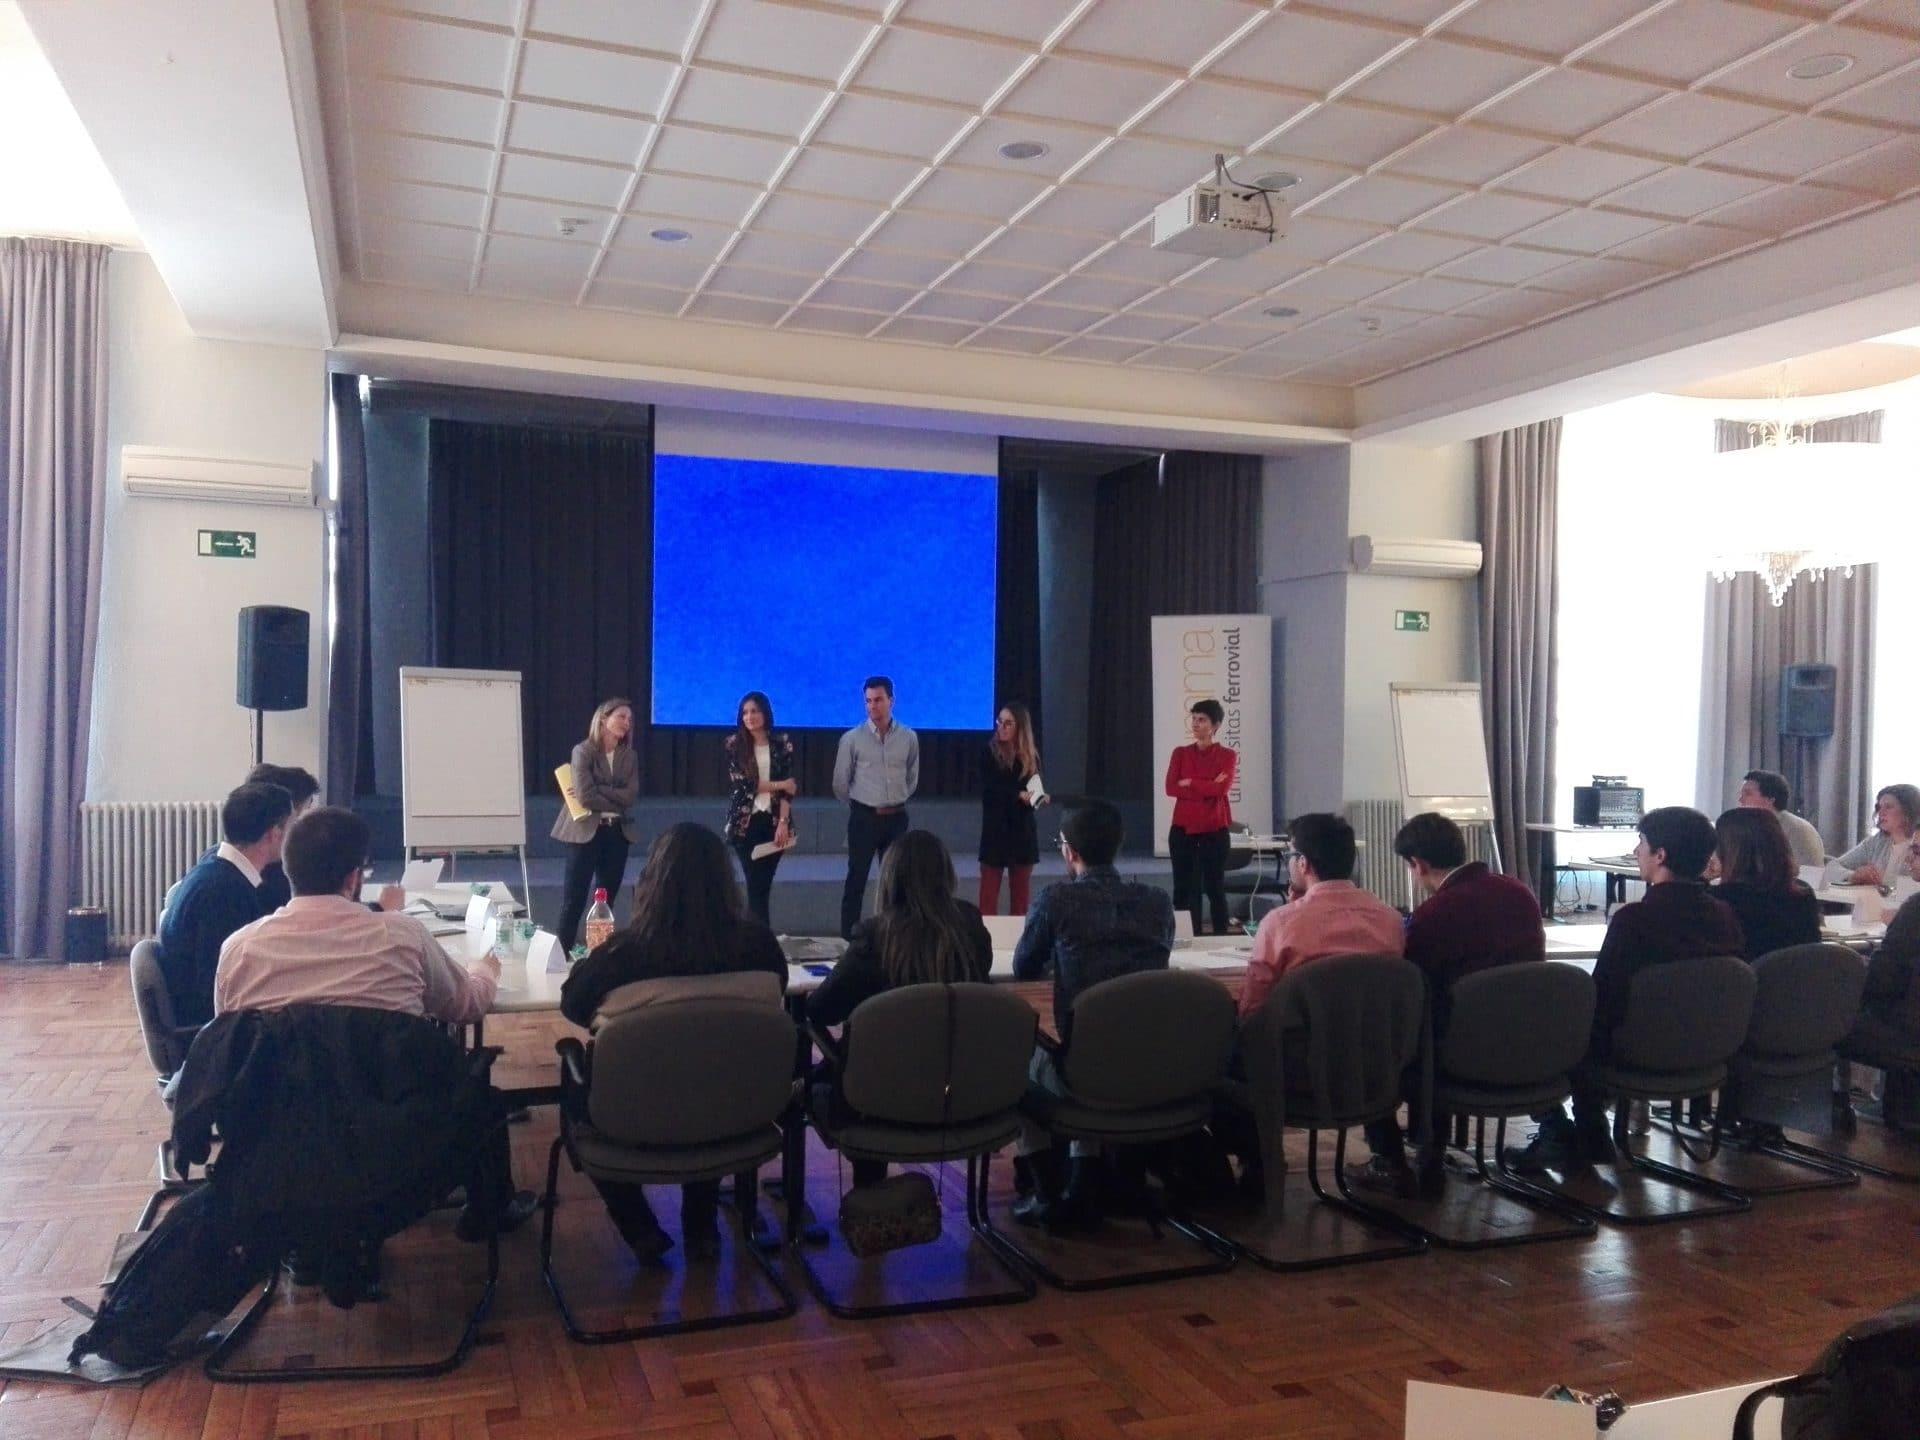 Primera jornada del Centro de Desarrollo para jóvenes en el Digital Hub de Ferrovial